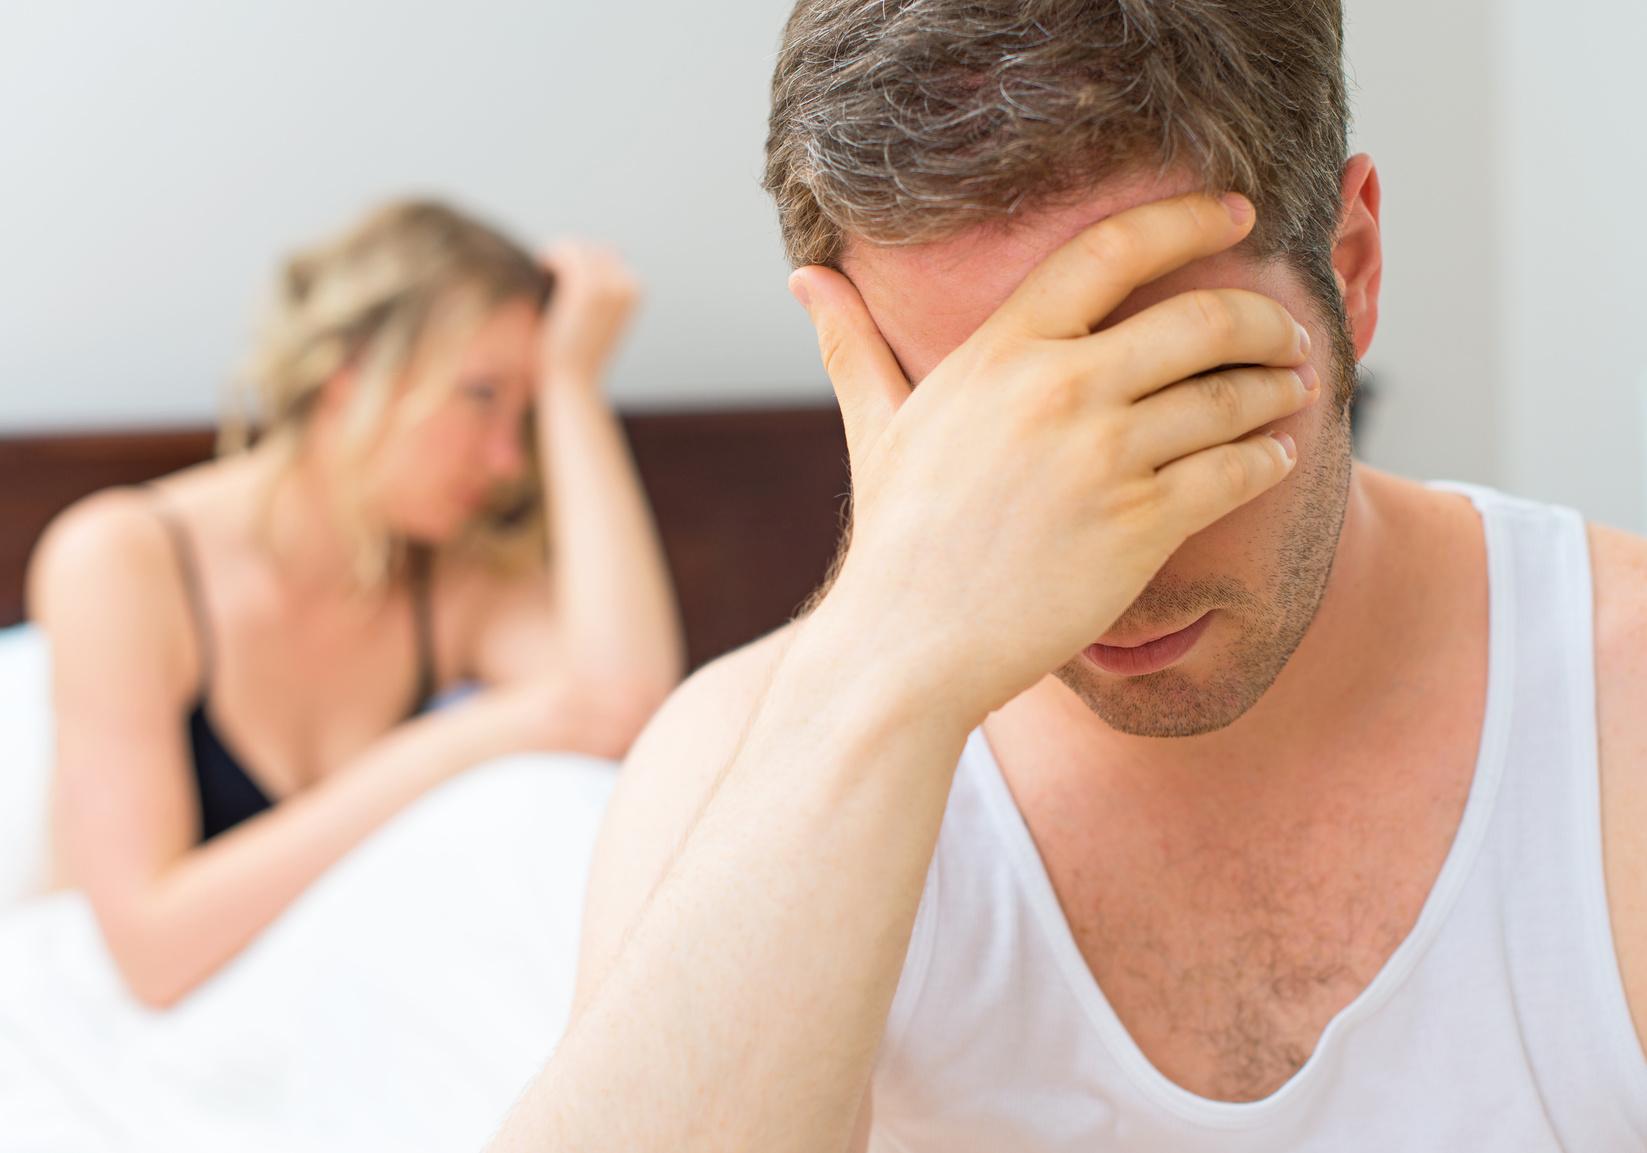 Секс с больным гепатитом с